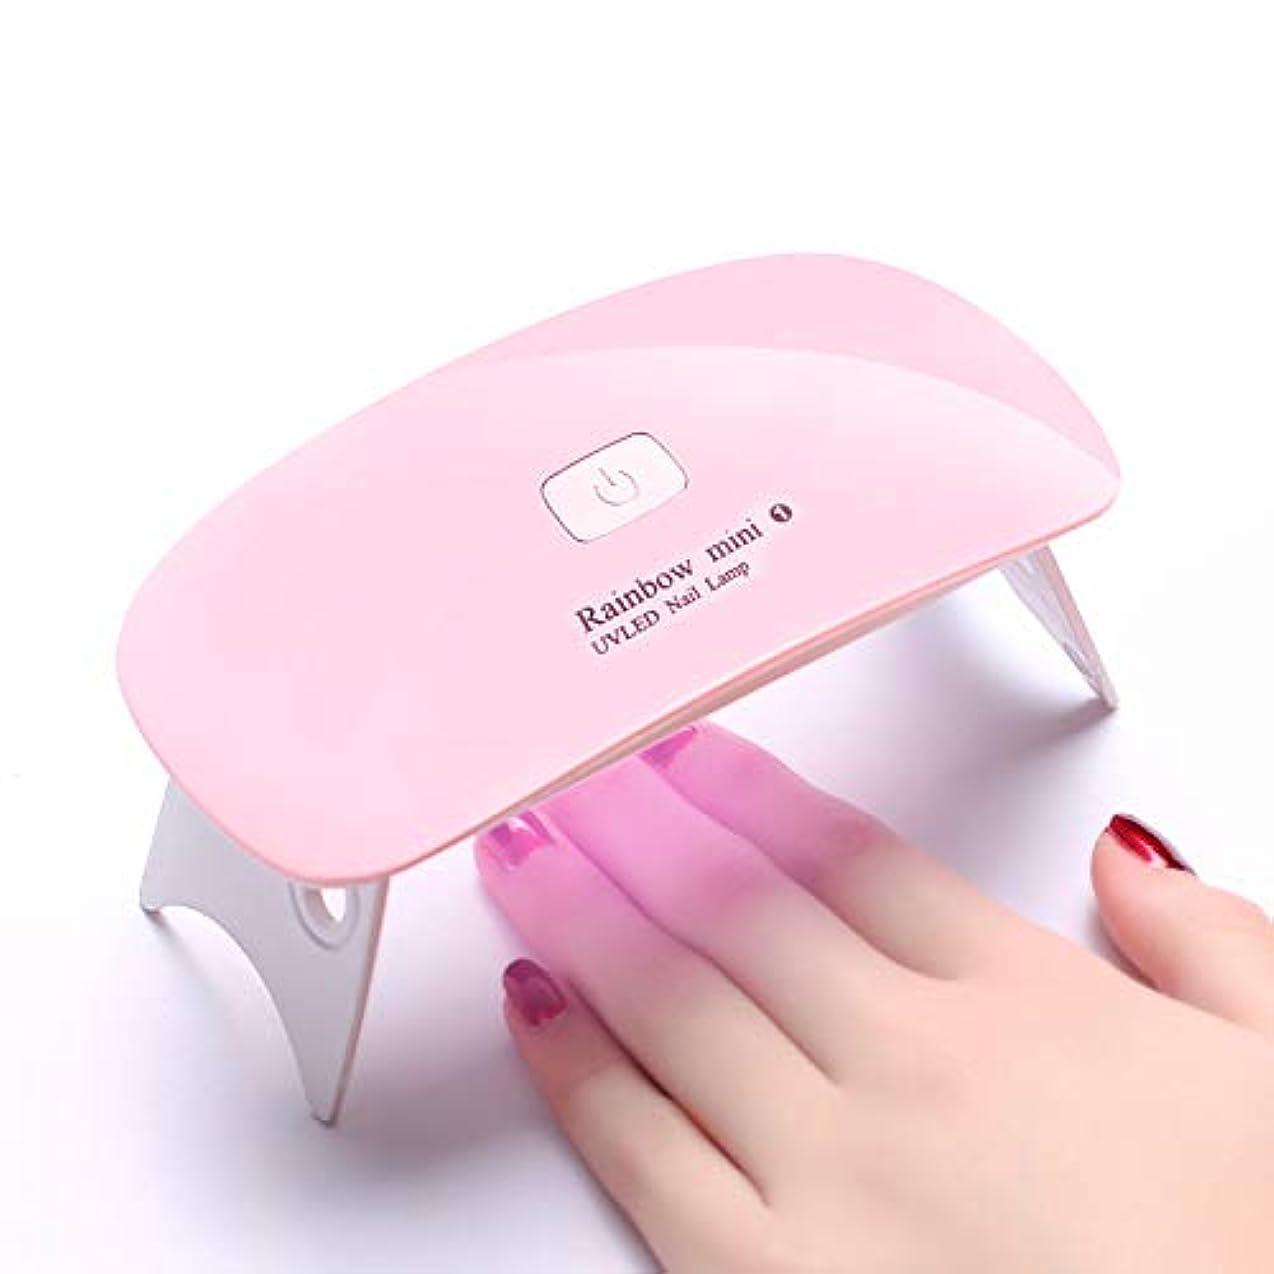 各活性化する計り知れないLEDネイルドライヤー UVライトRaintern タイマー設定可能 折りたたみ式手足とも使える 人感センサー式 LED 硬化ライト UV と LEDダブルライト ジェルネイル用 ピンク